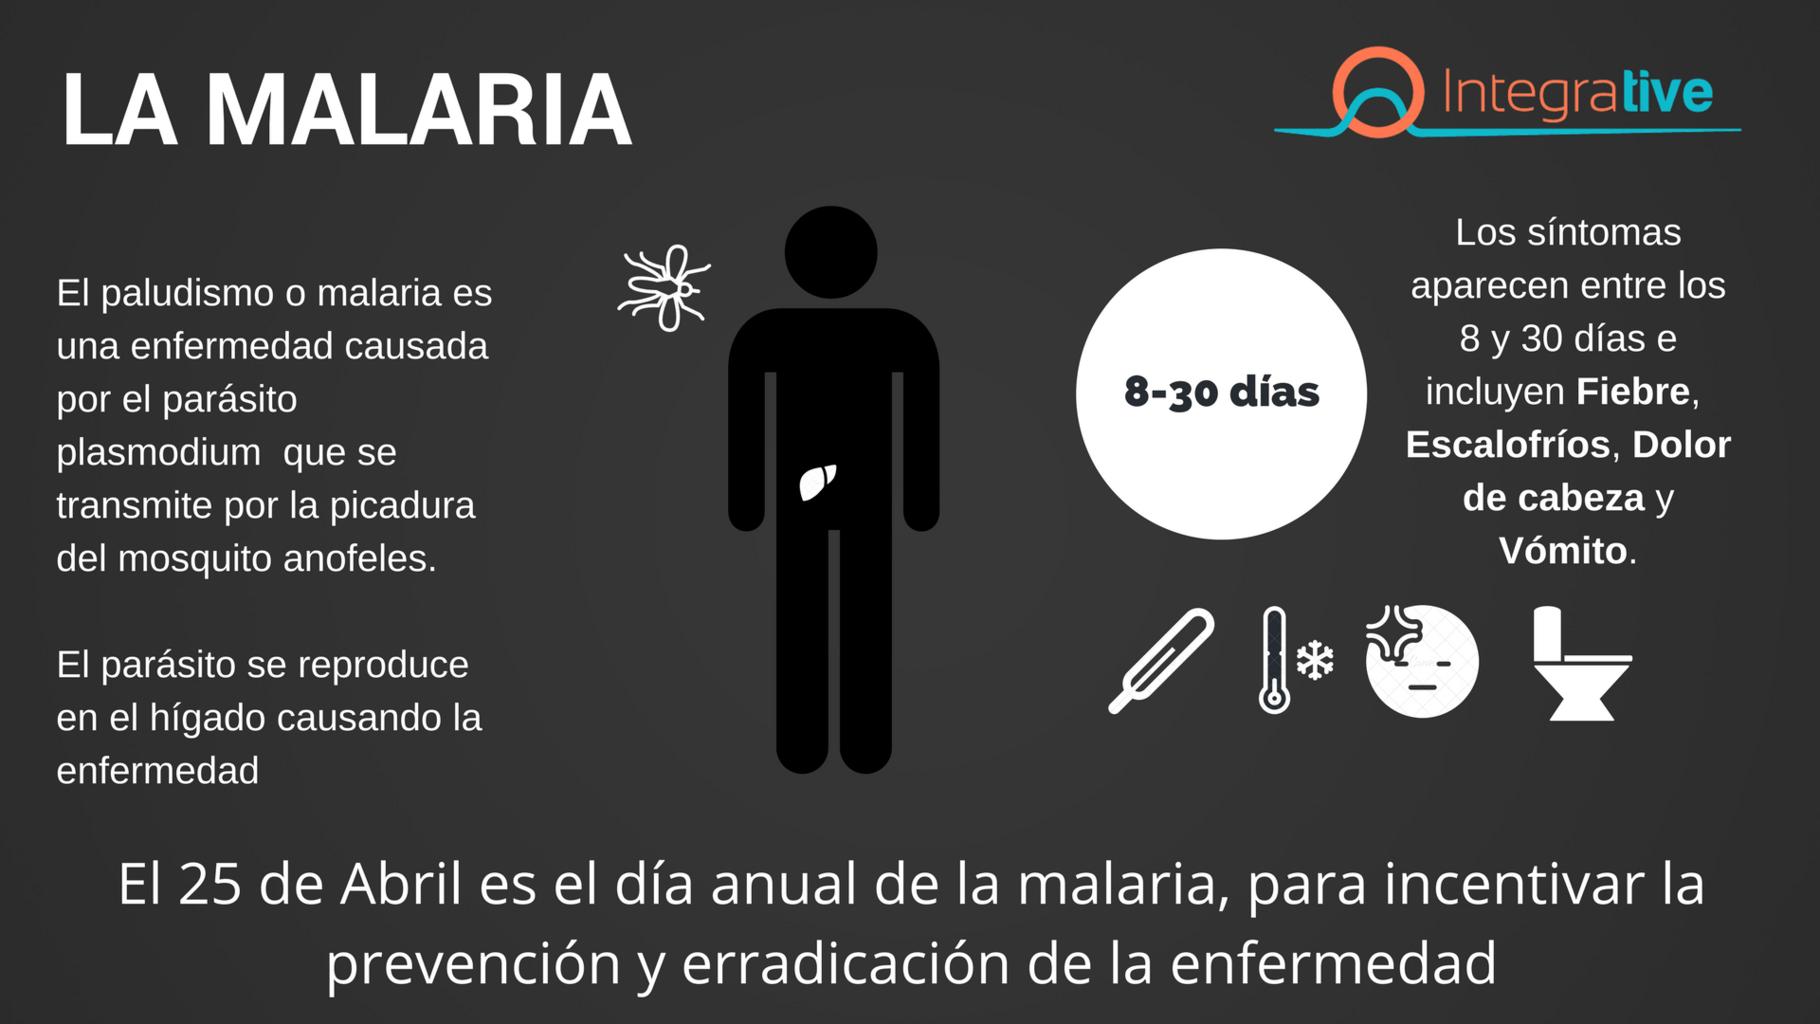 La malaria